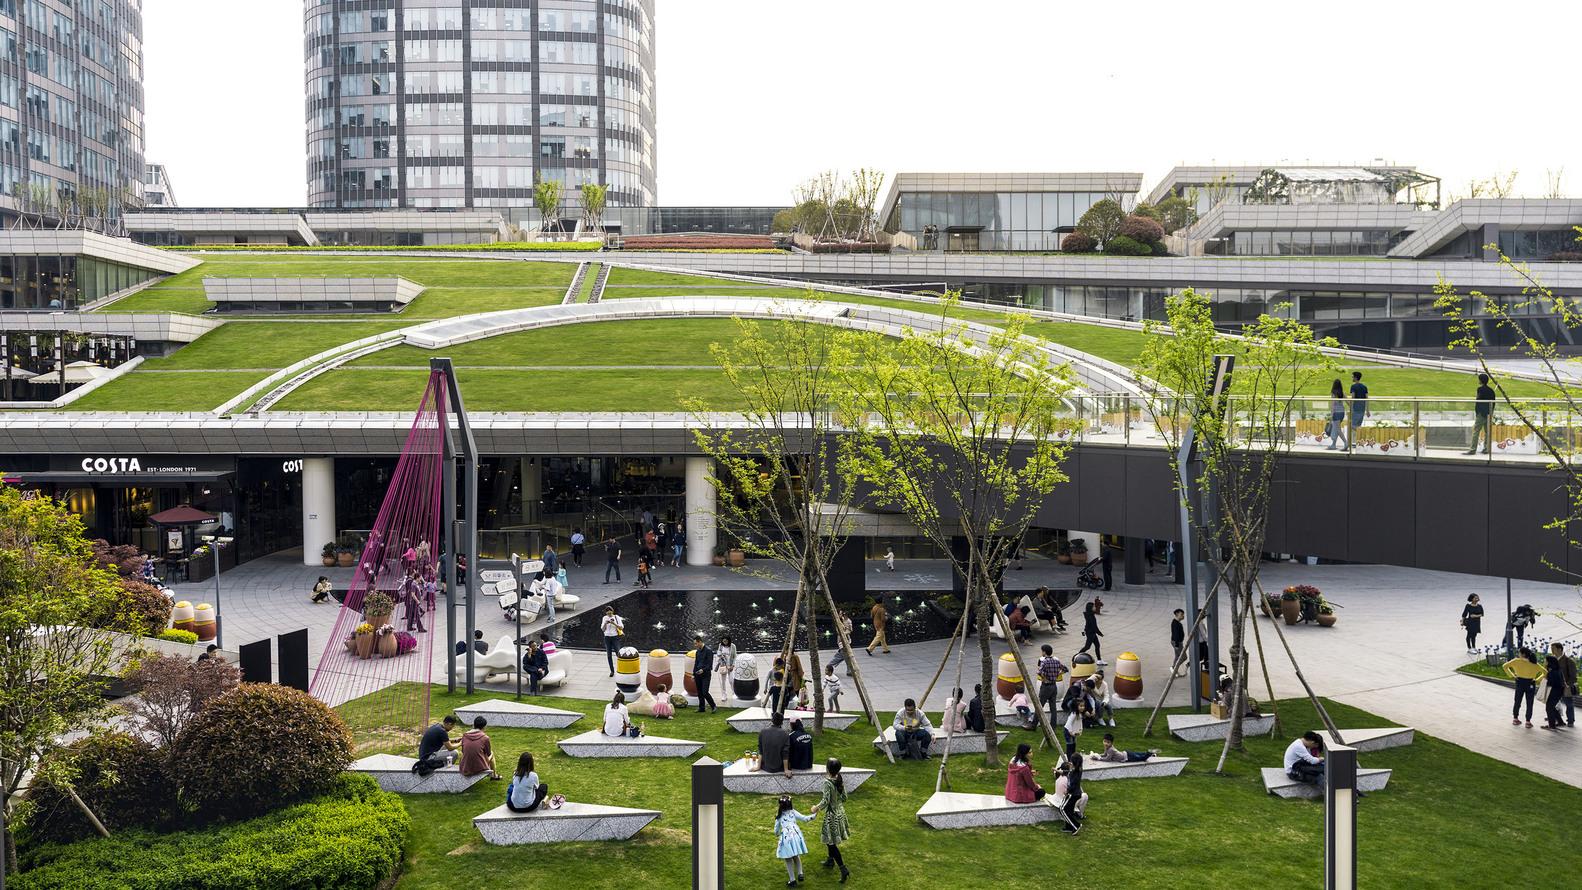 上海绿地中心城市公园建筑设计/上海日建设计